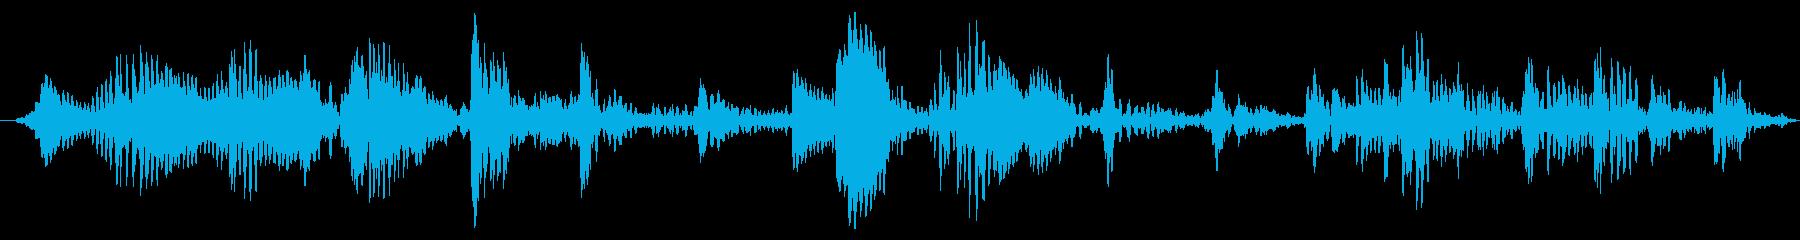 遠い壊れたコミュニケーションフラグメントの再生済みの波形